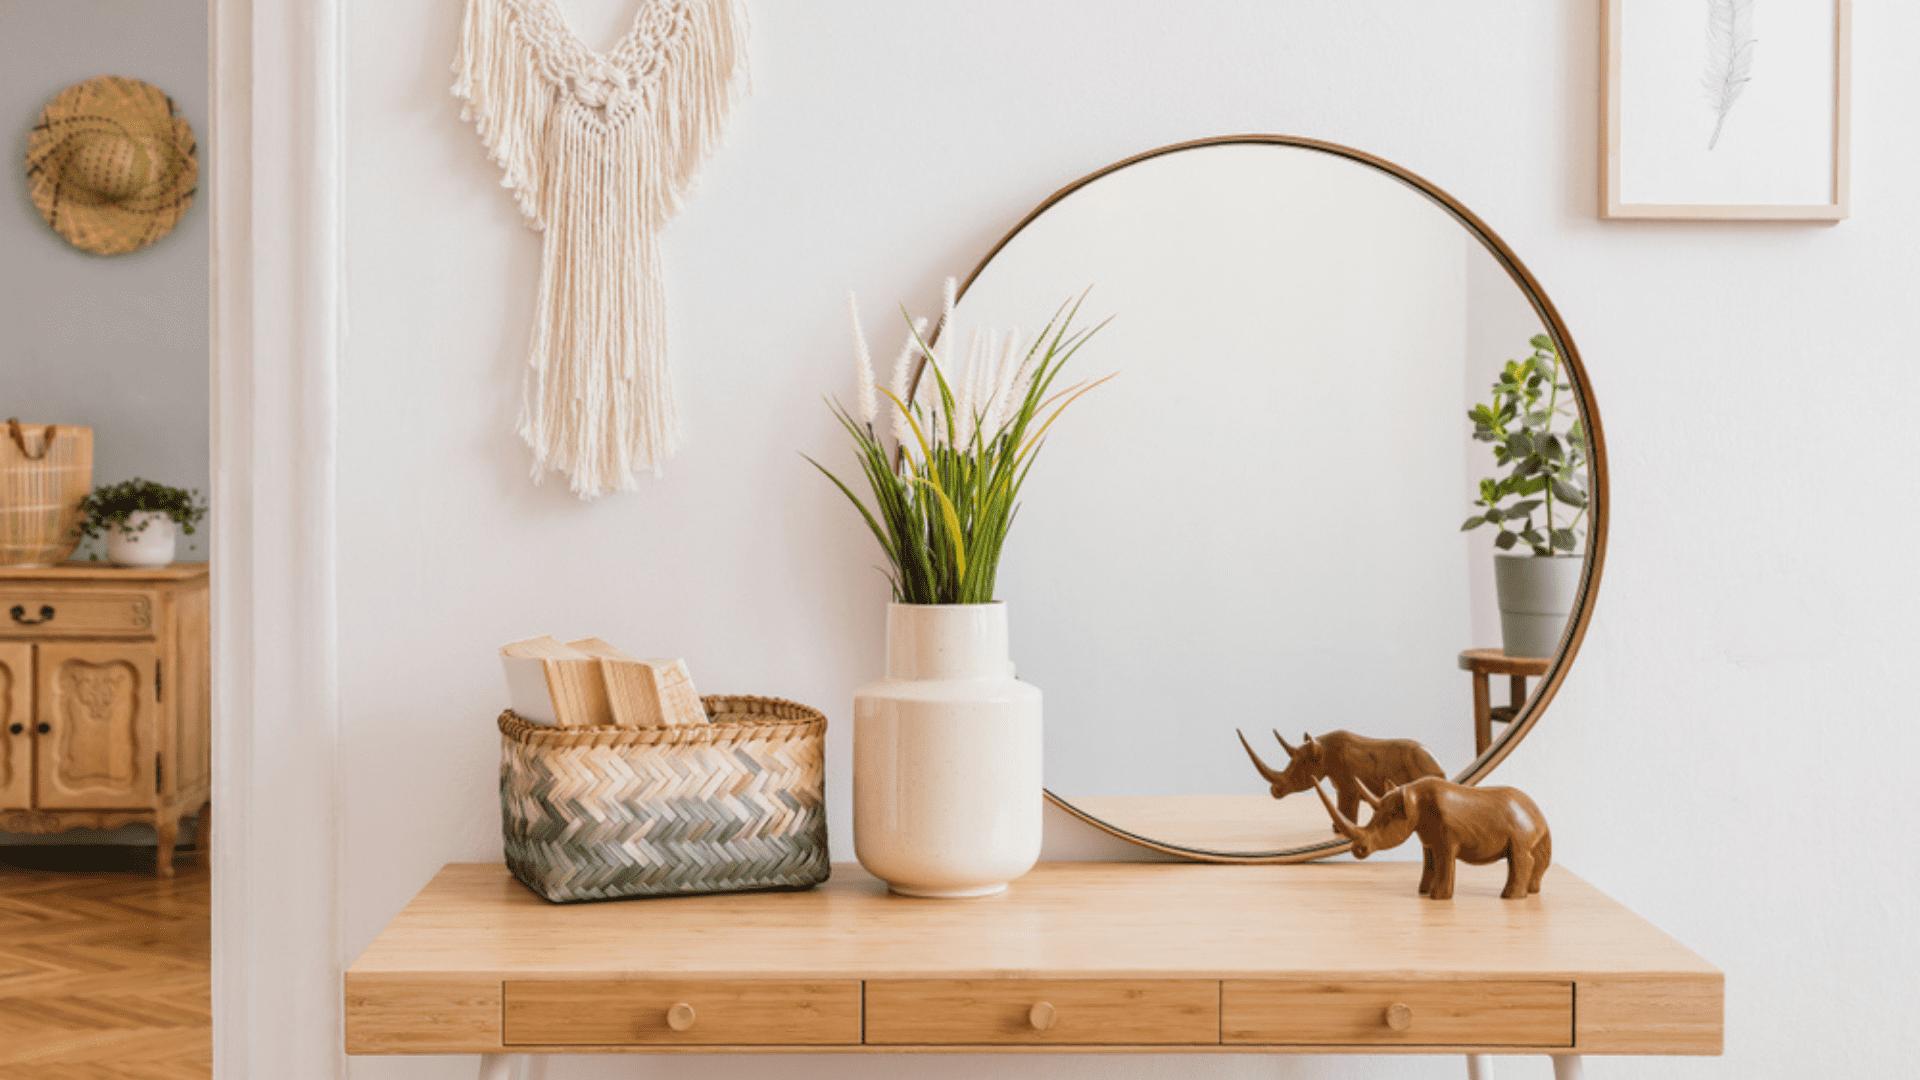 Coloque espelhos no cômodo para expandir o ambiente (Imagem: Reprodução/Shutterstock)